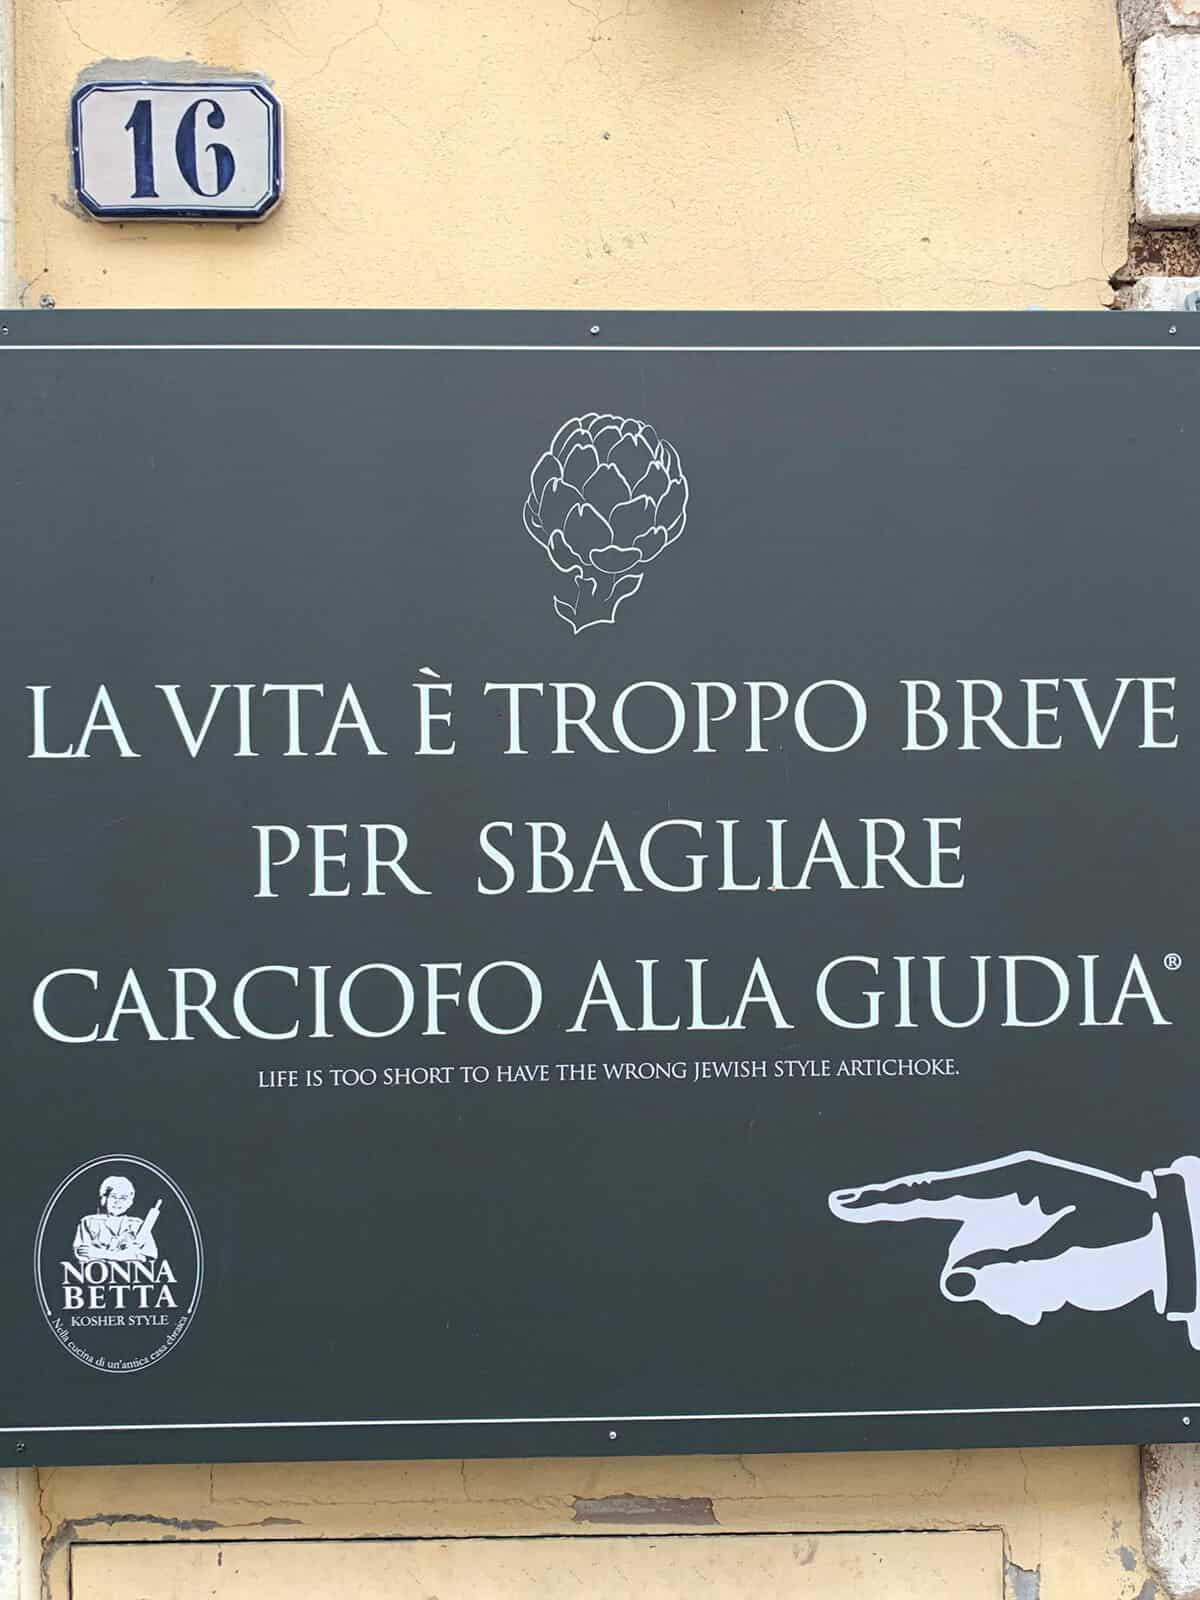 Restaurant Sign Rome